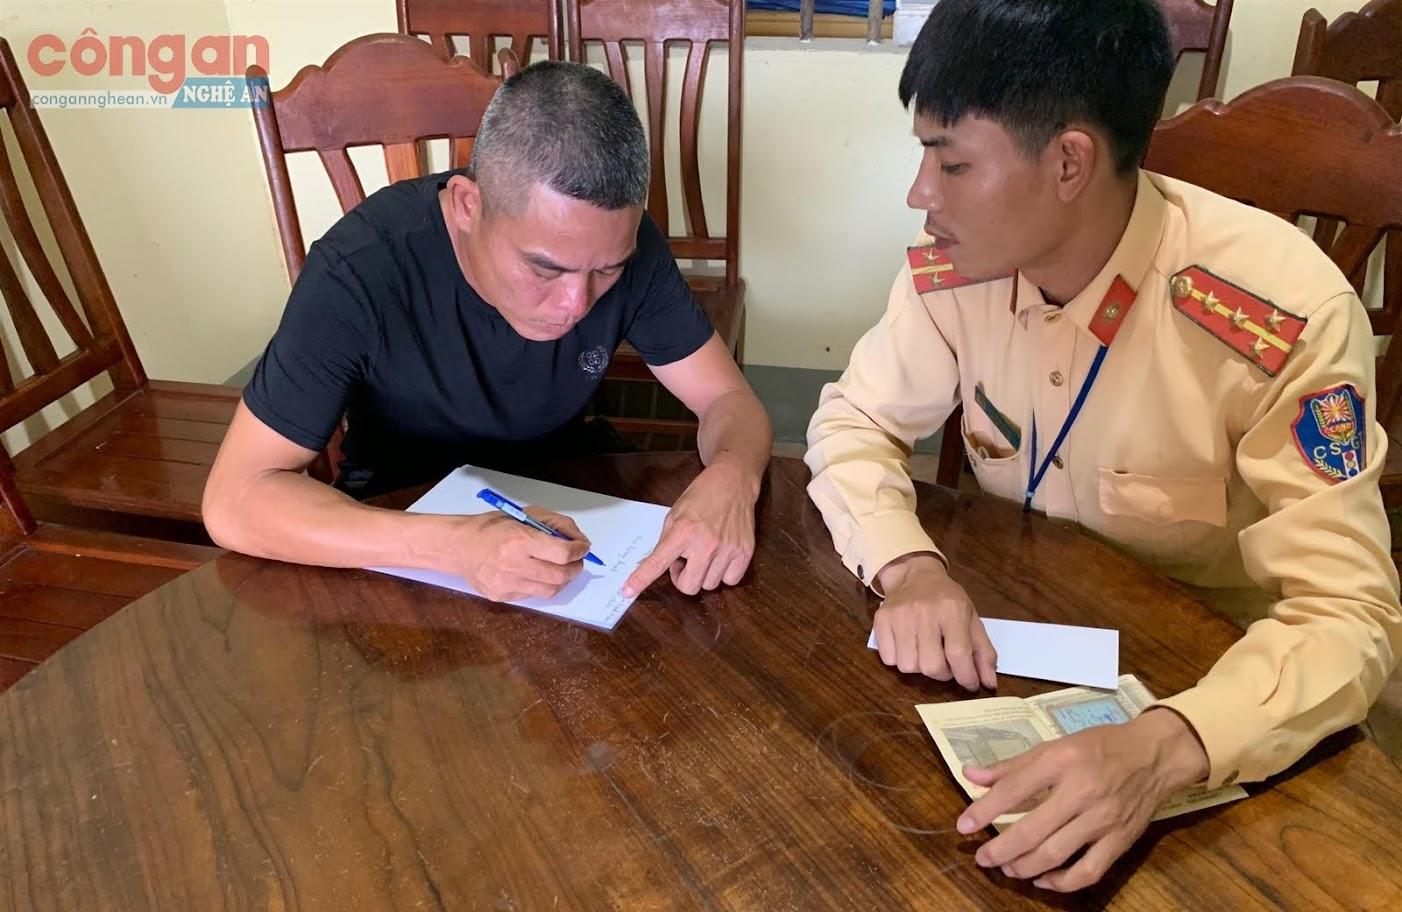 Cán bộ Đội CSGT số 2 lập biên bản vi phạm đối với                lái xe Hồ Sỹ Thìn